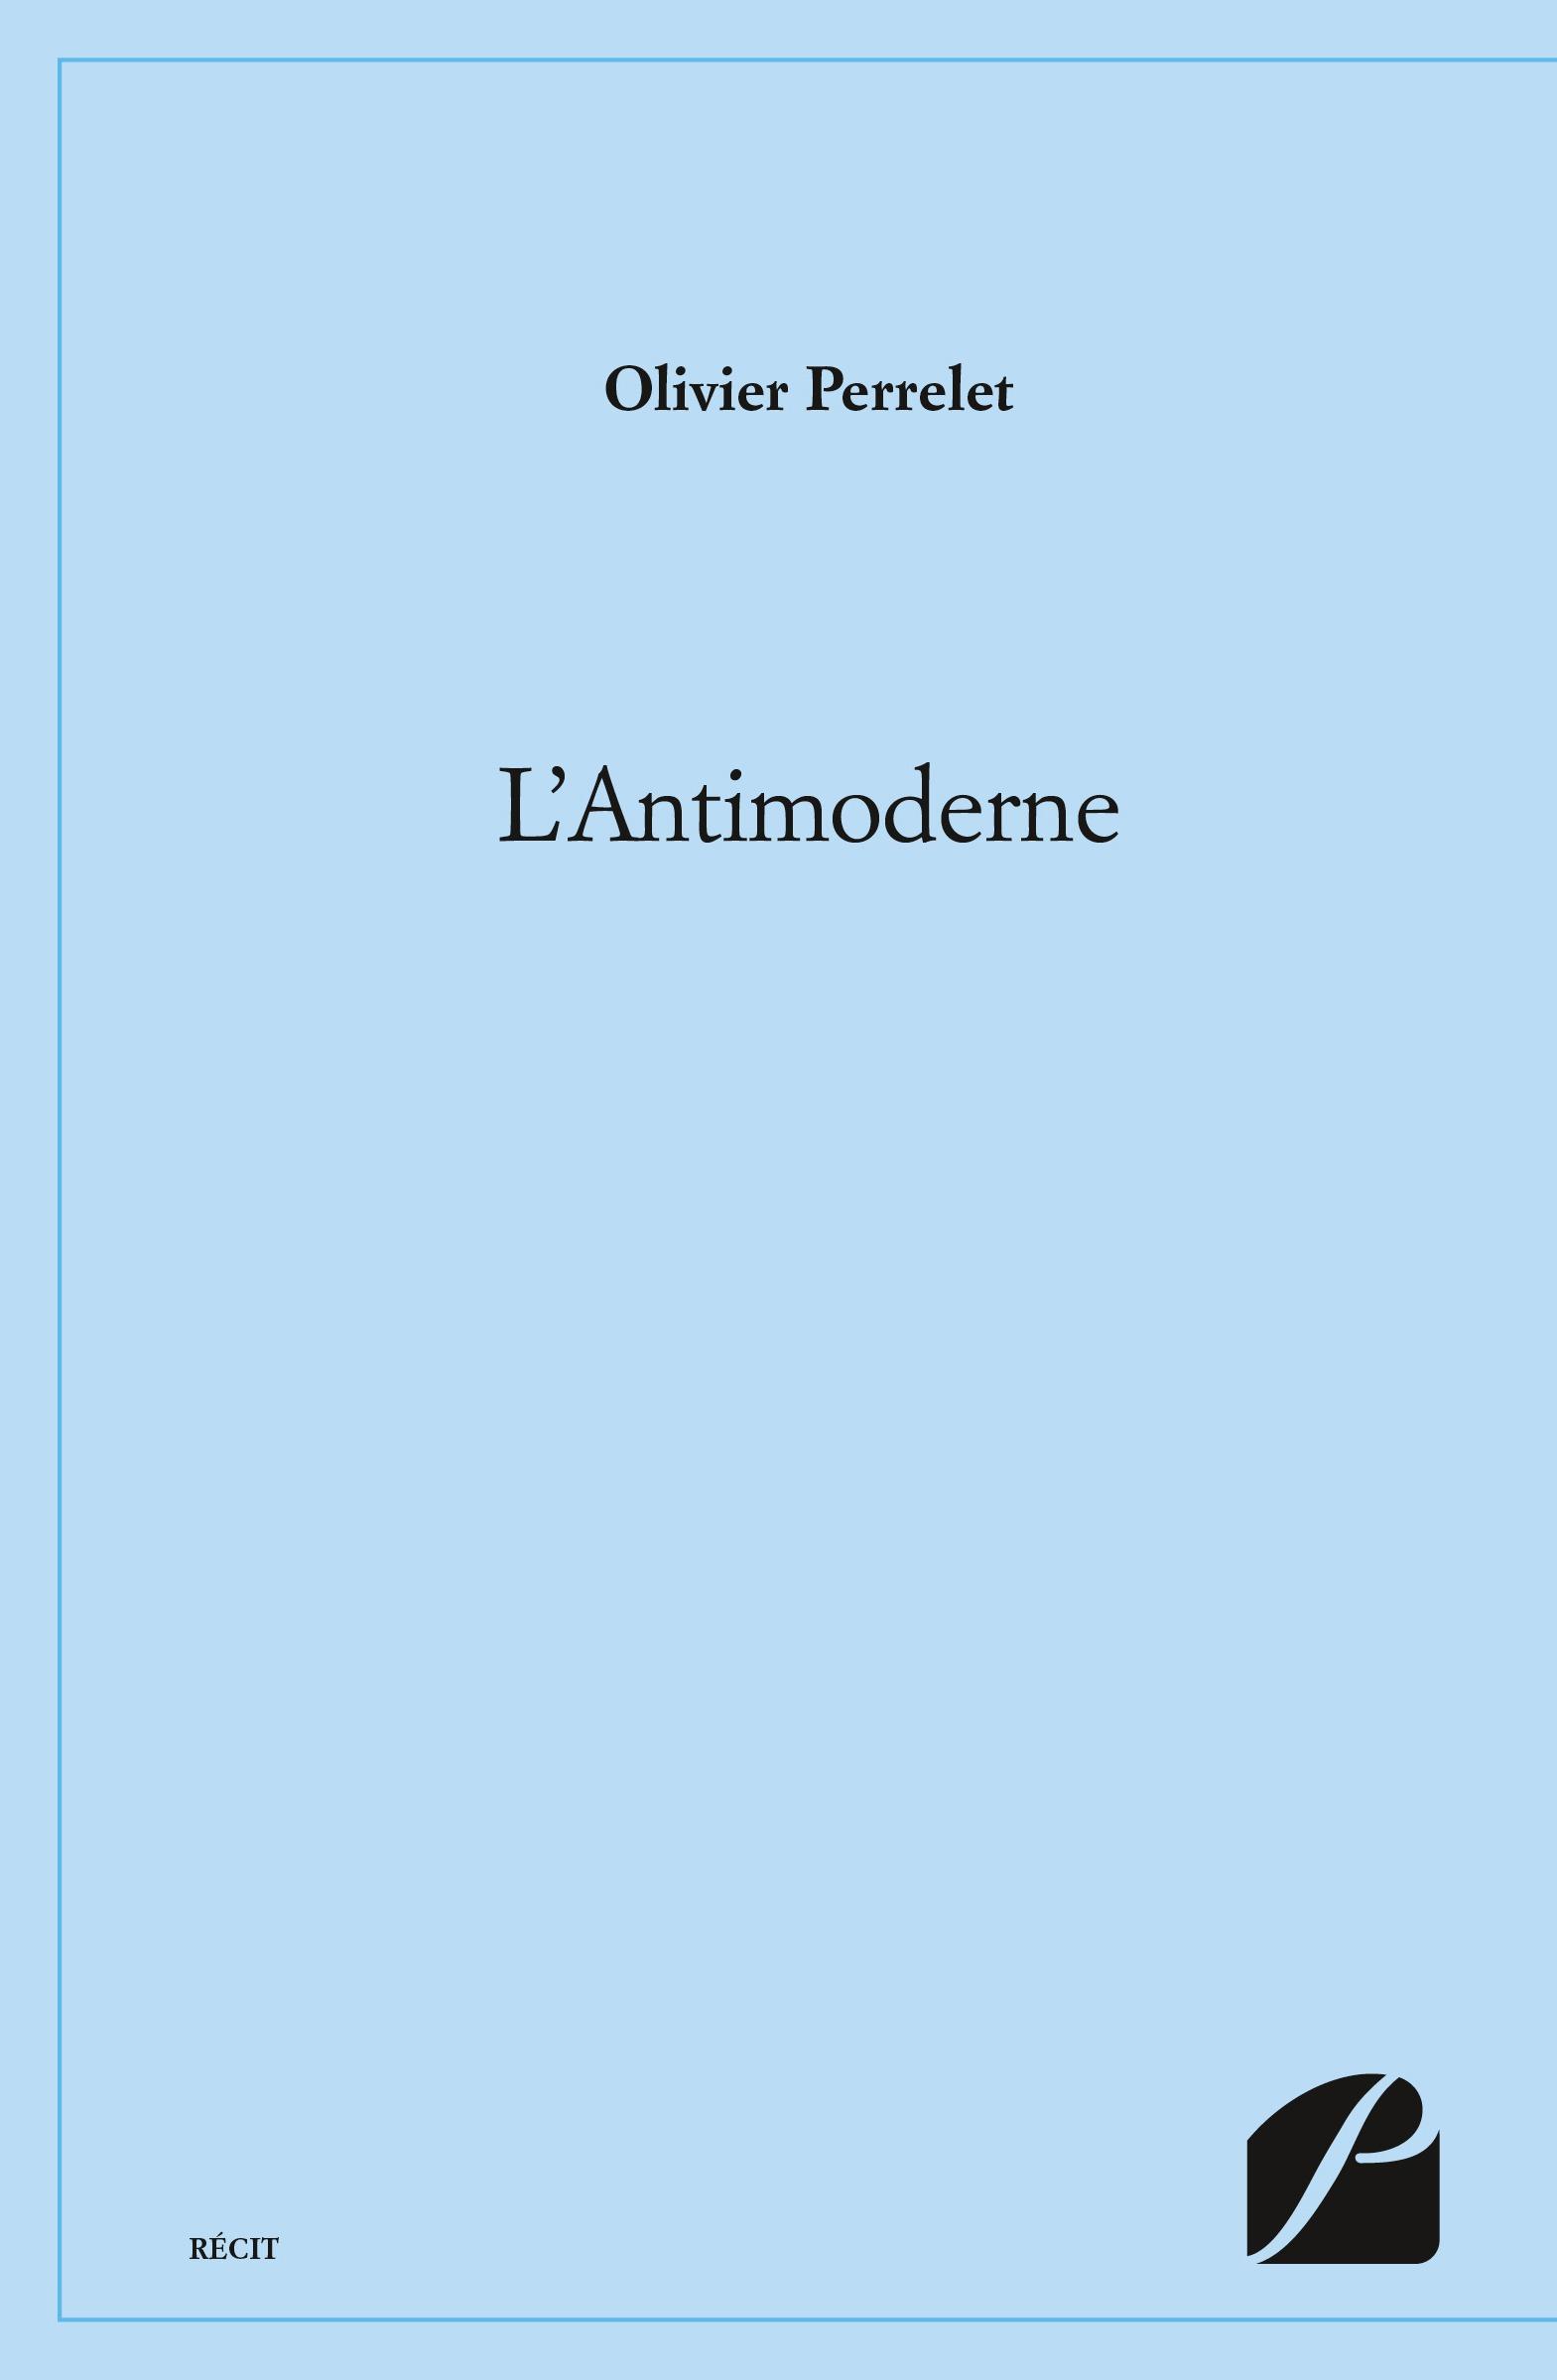 L'antimoderne